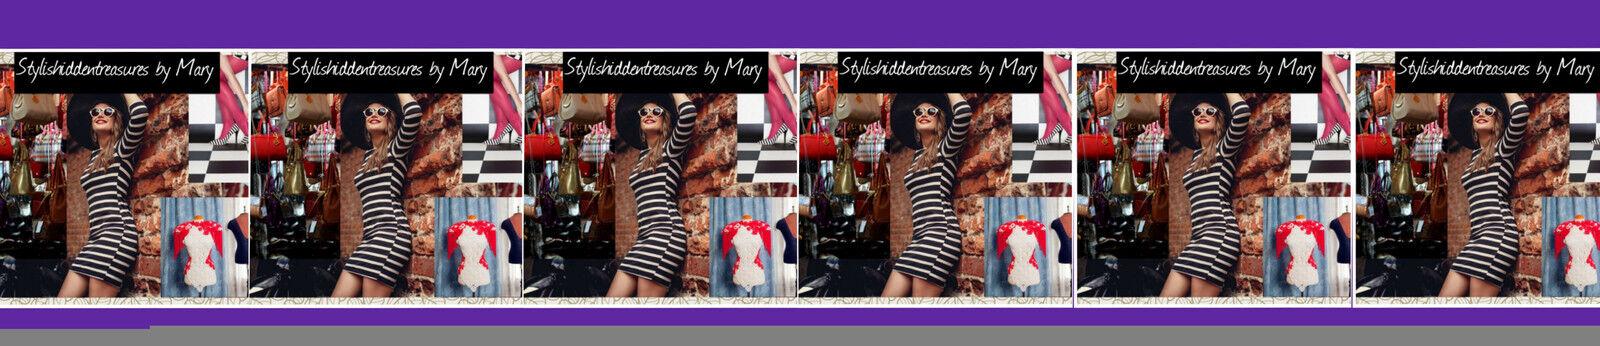 Stylishiddentreasures LLC